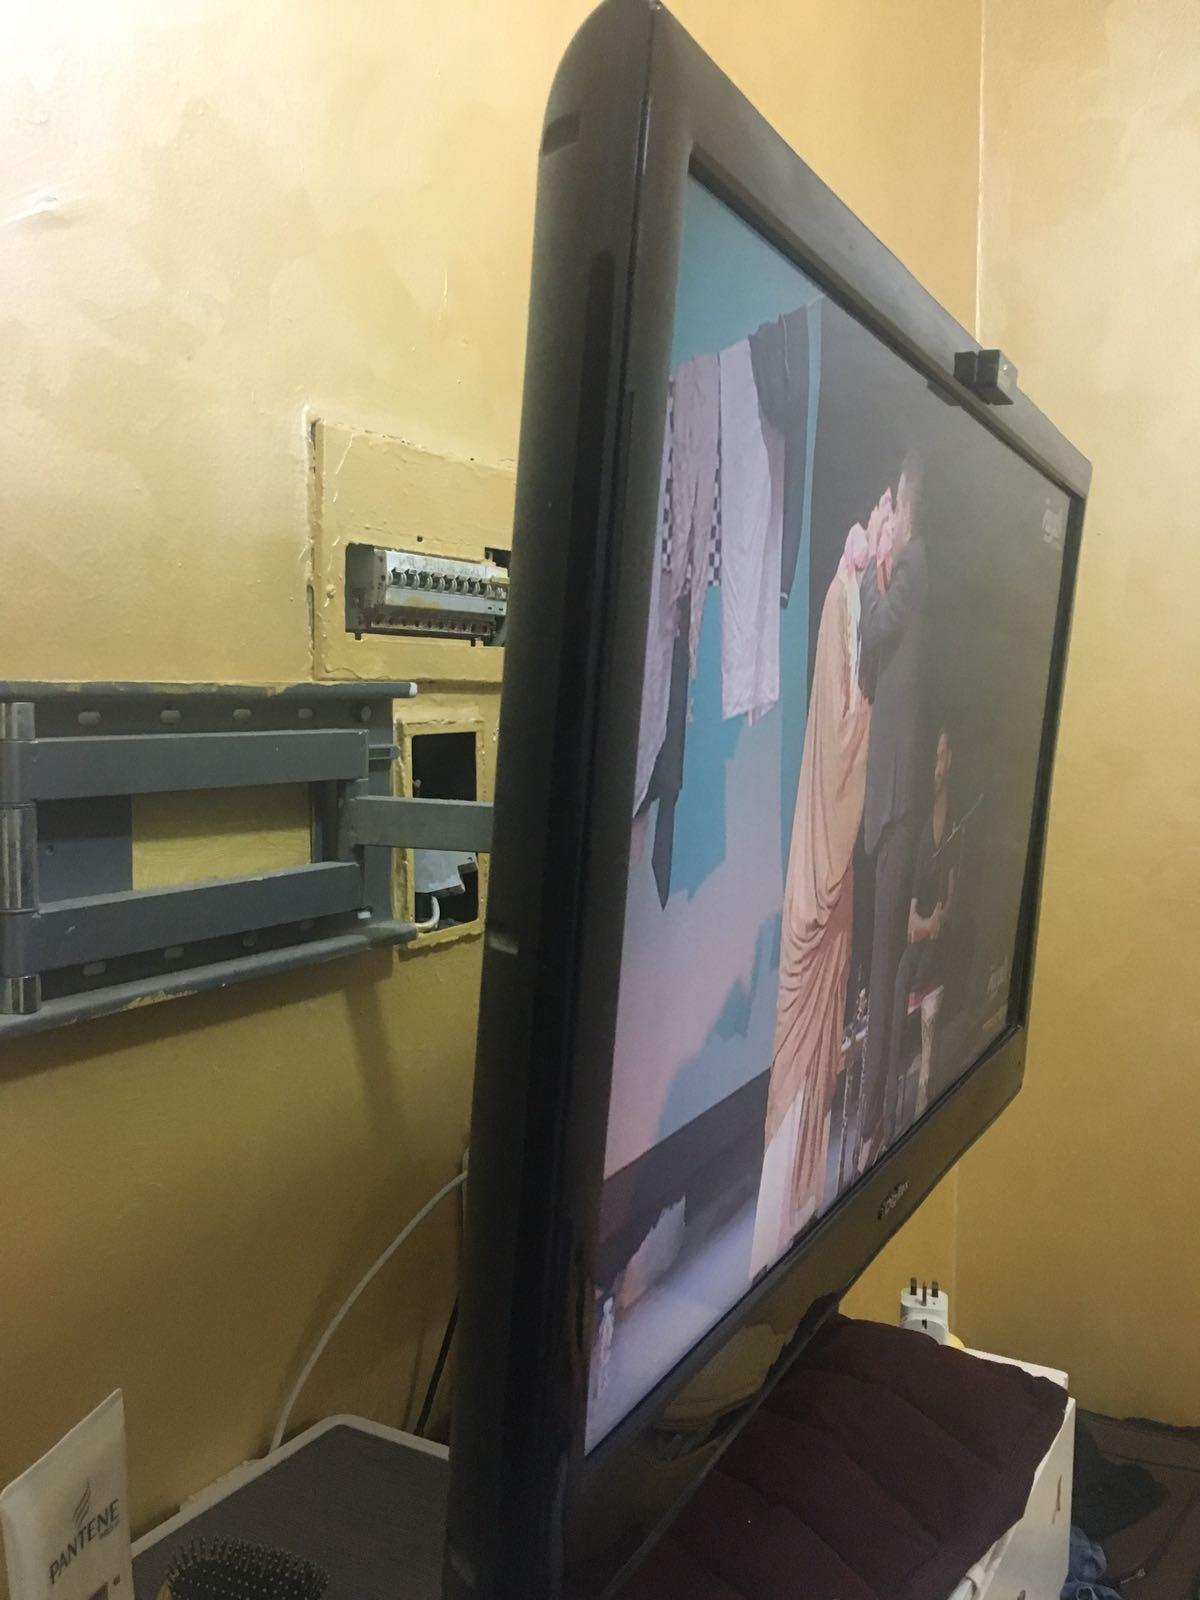 تركيب دش مع شاشات بلازما Flat Screen Flatscreen Tv Electronic Products